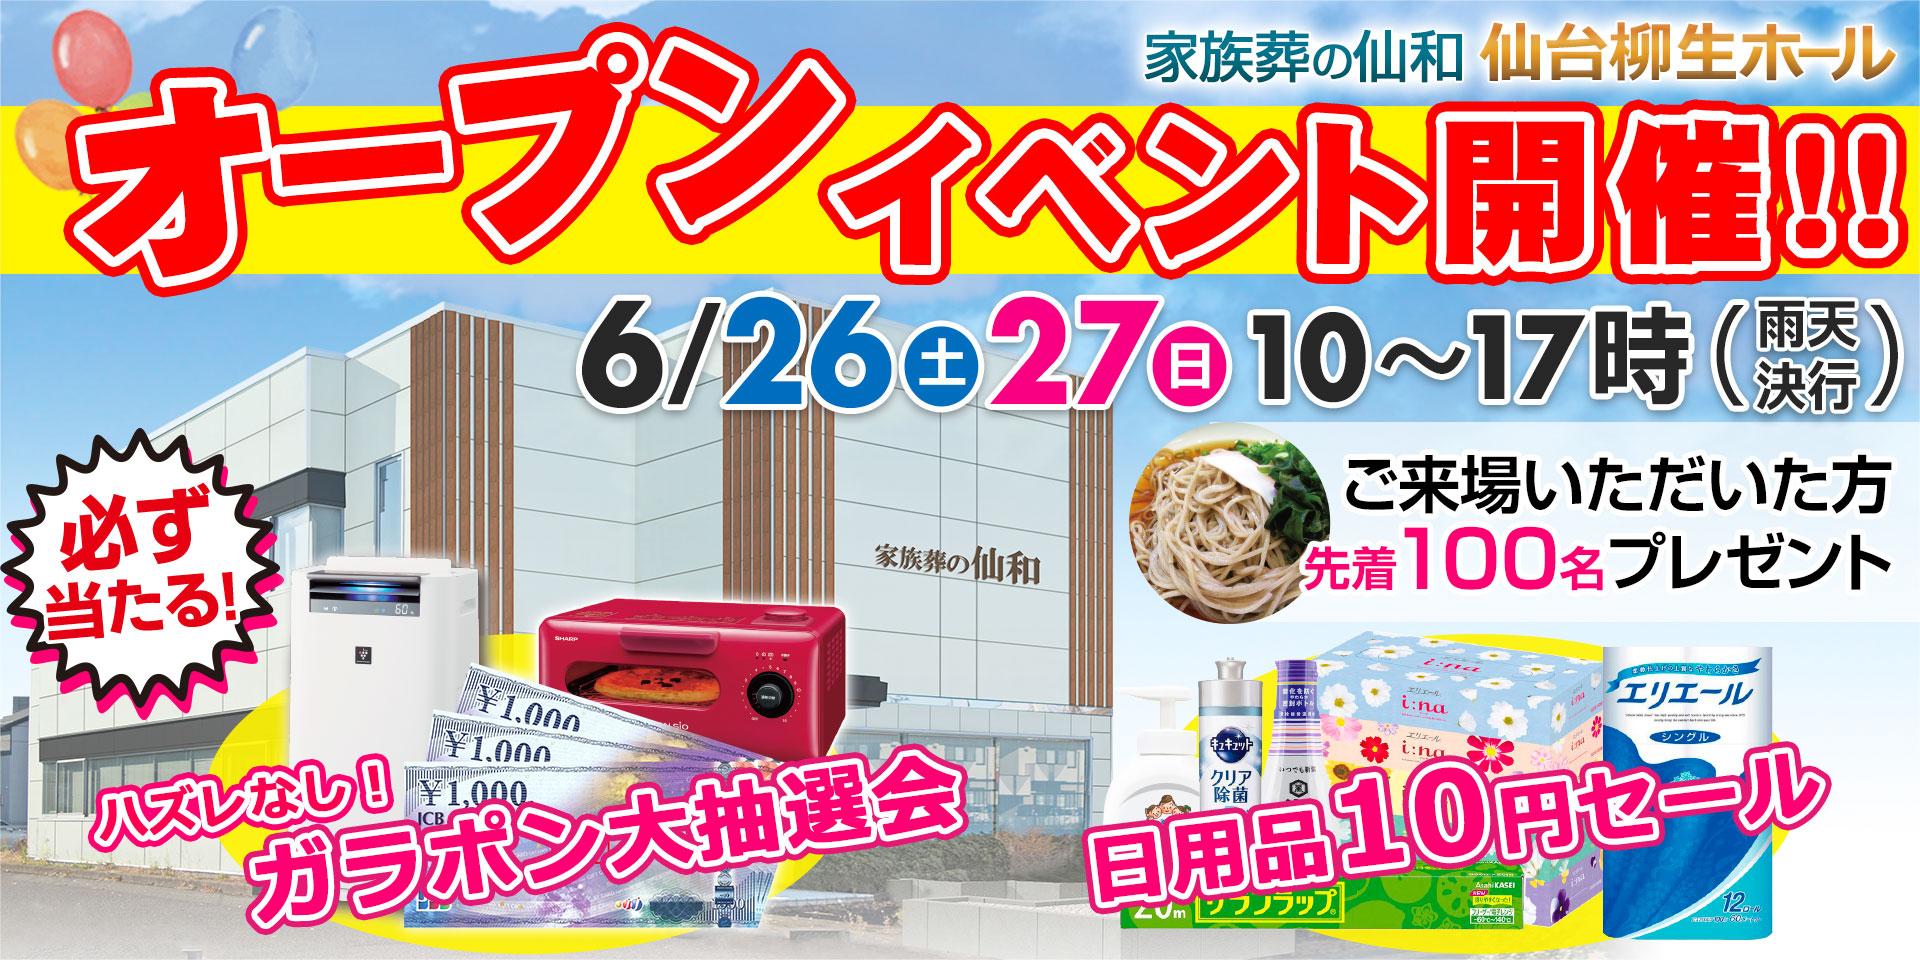 仙台柳生ホール 6/26・6/27 オープンイベント開催